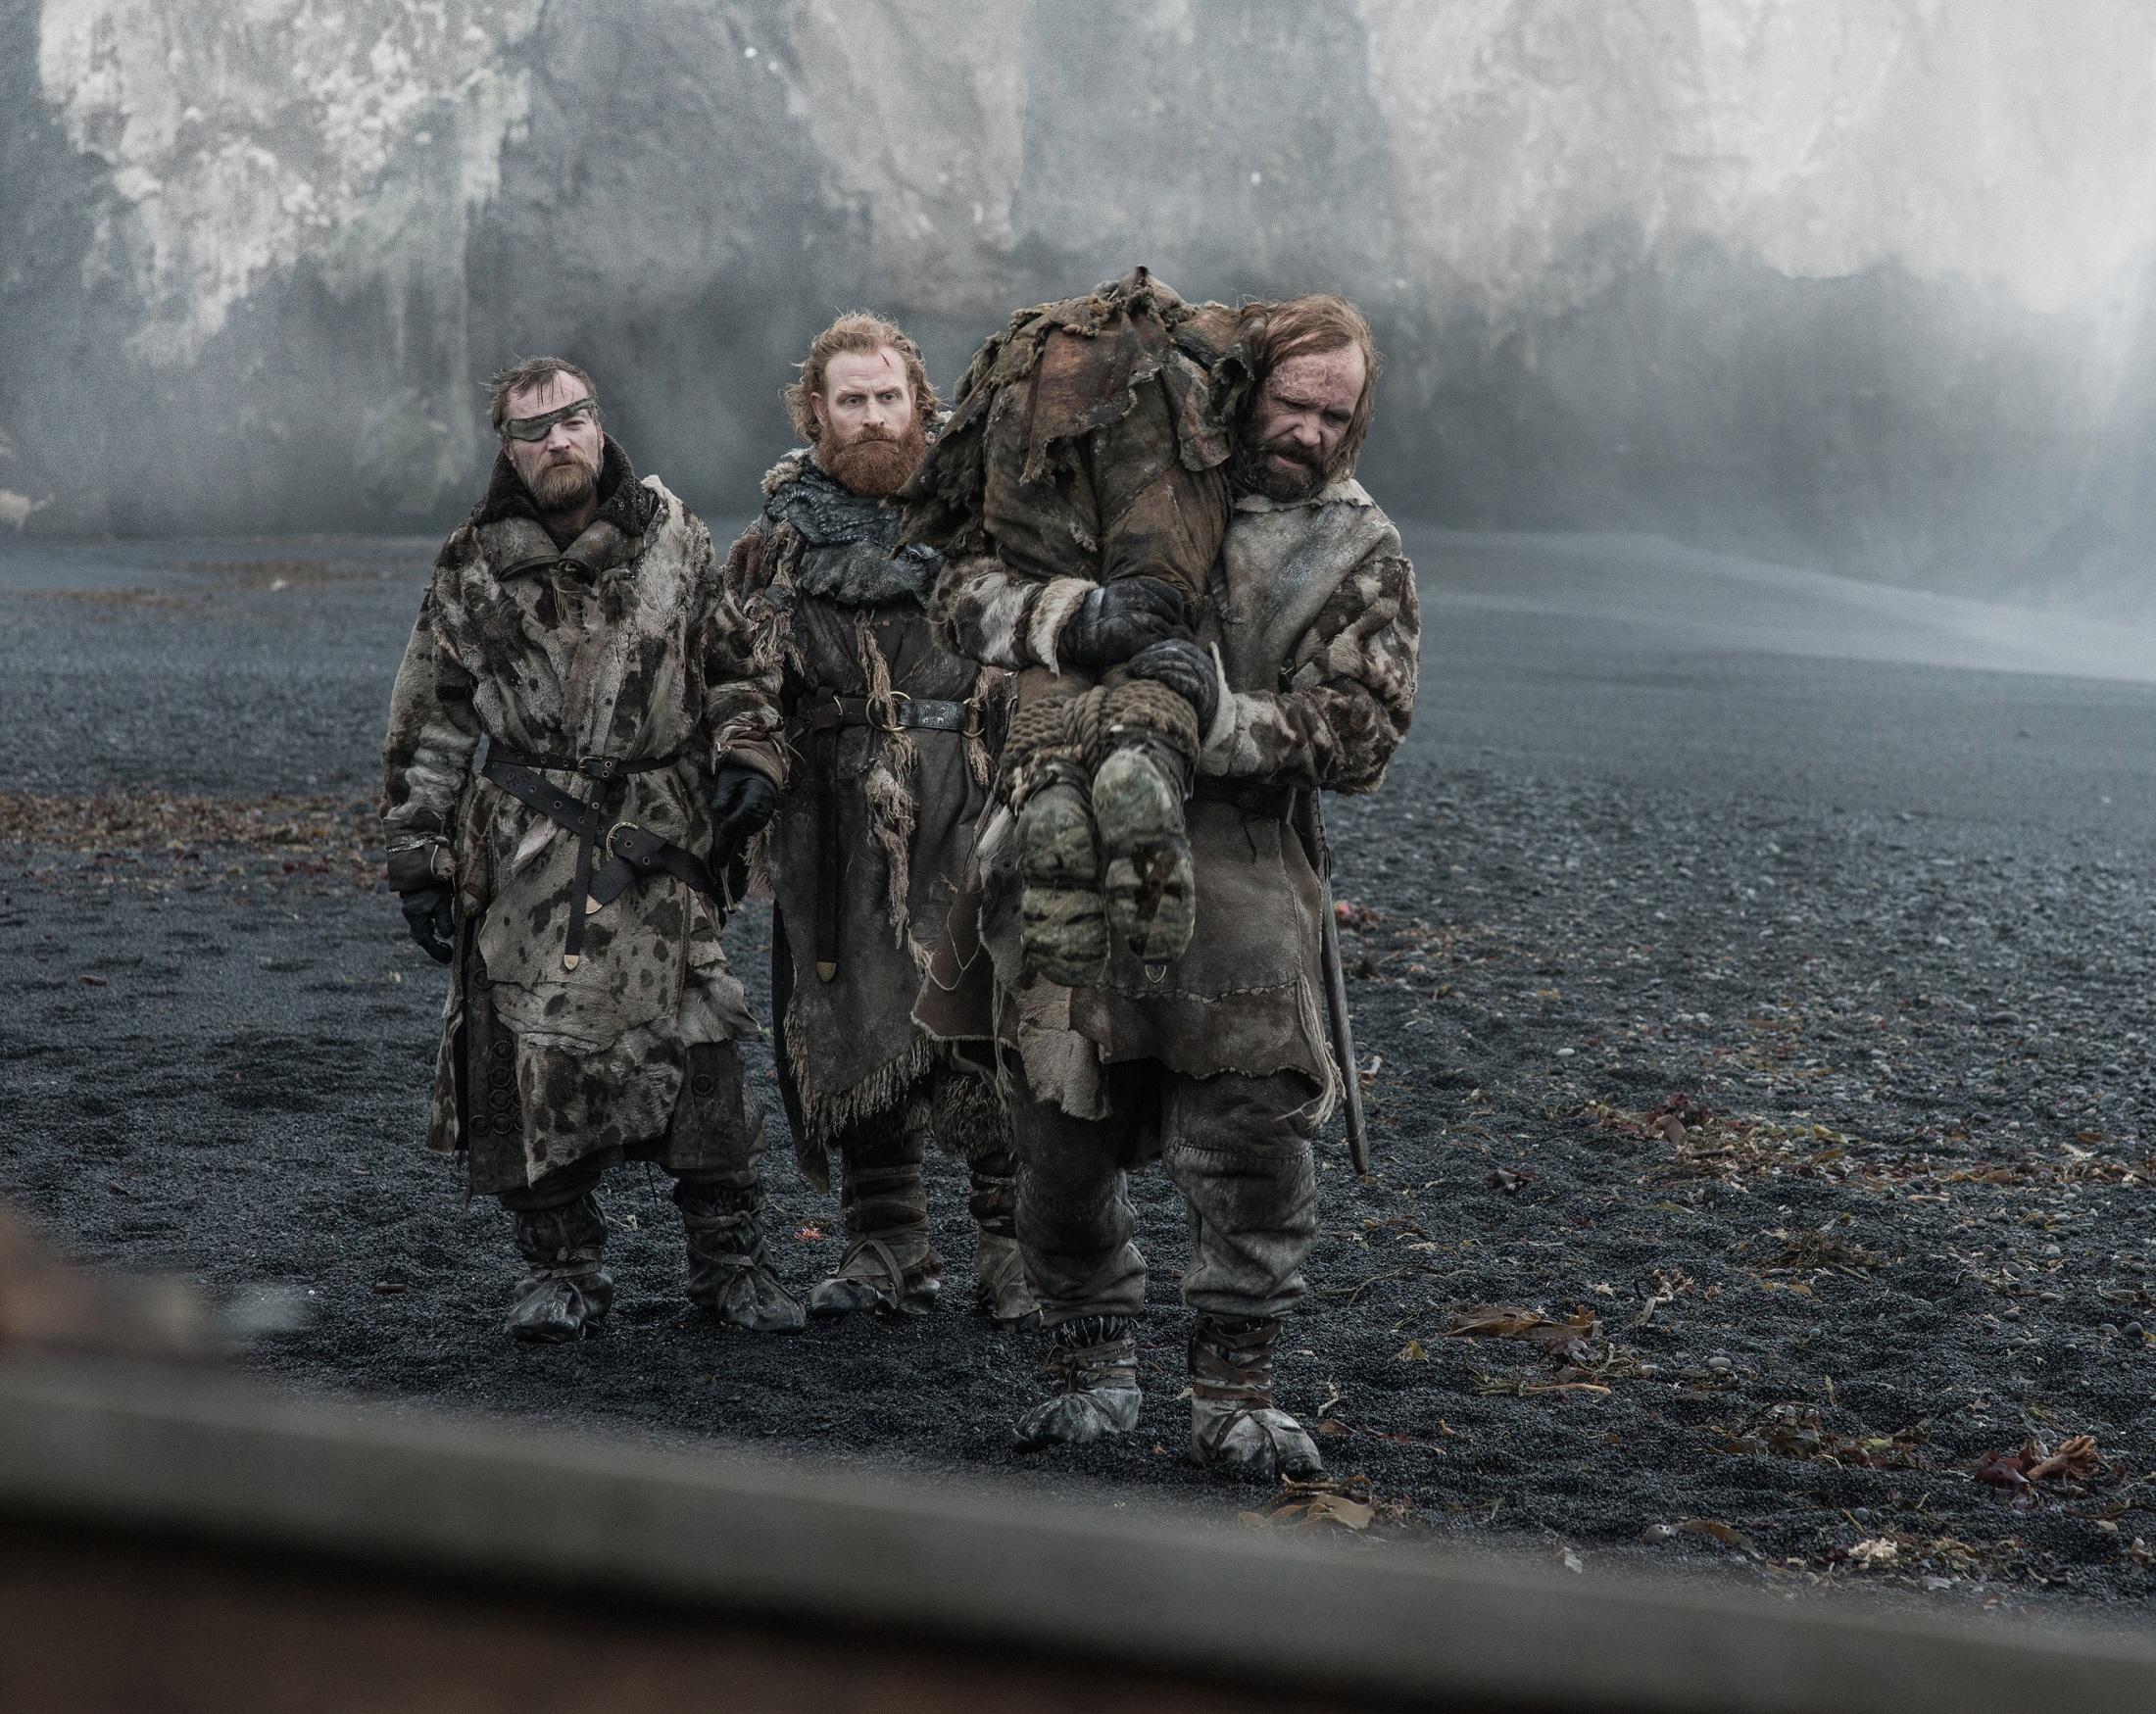 Hound Beric Tormund